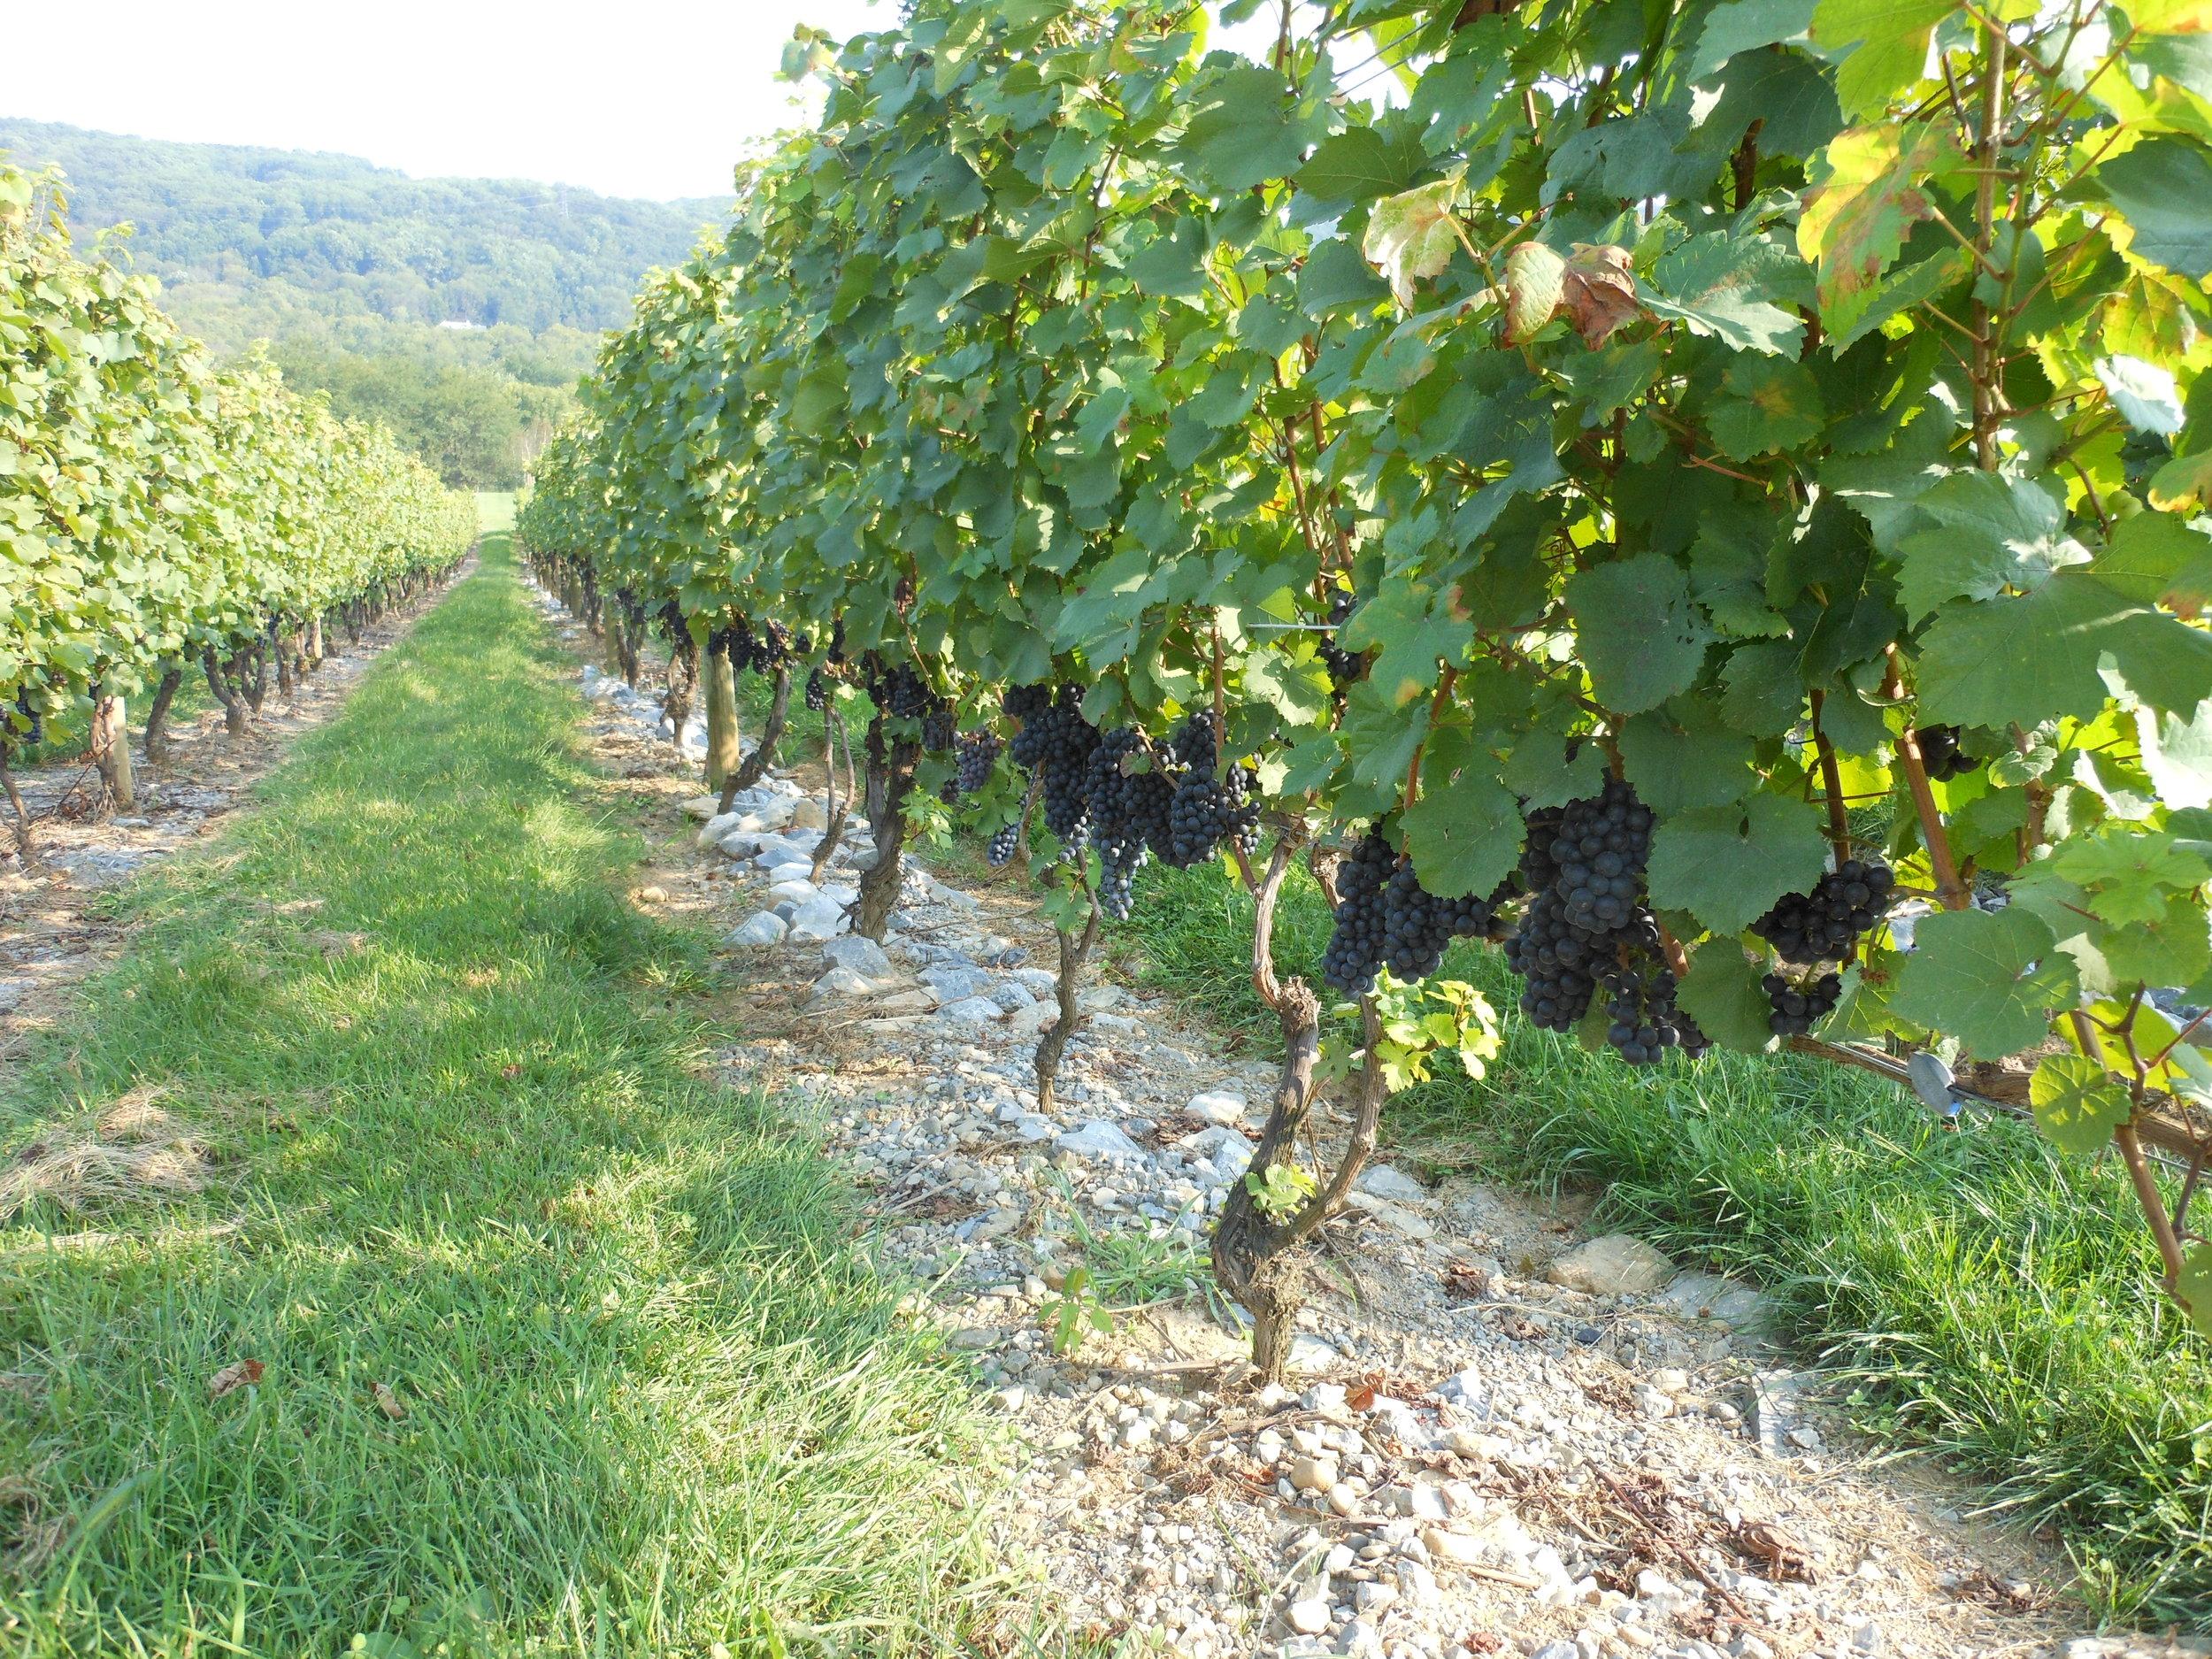 Alba Vineyard & Winery NJ vineyard